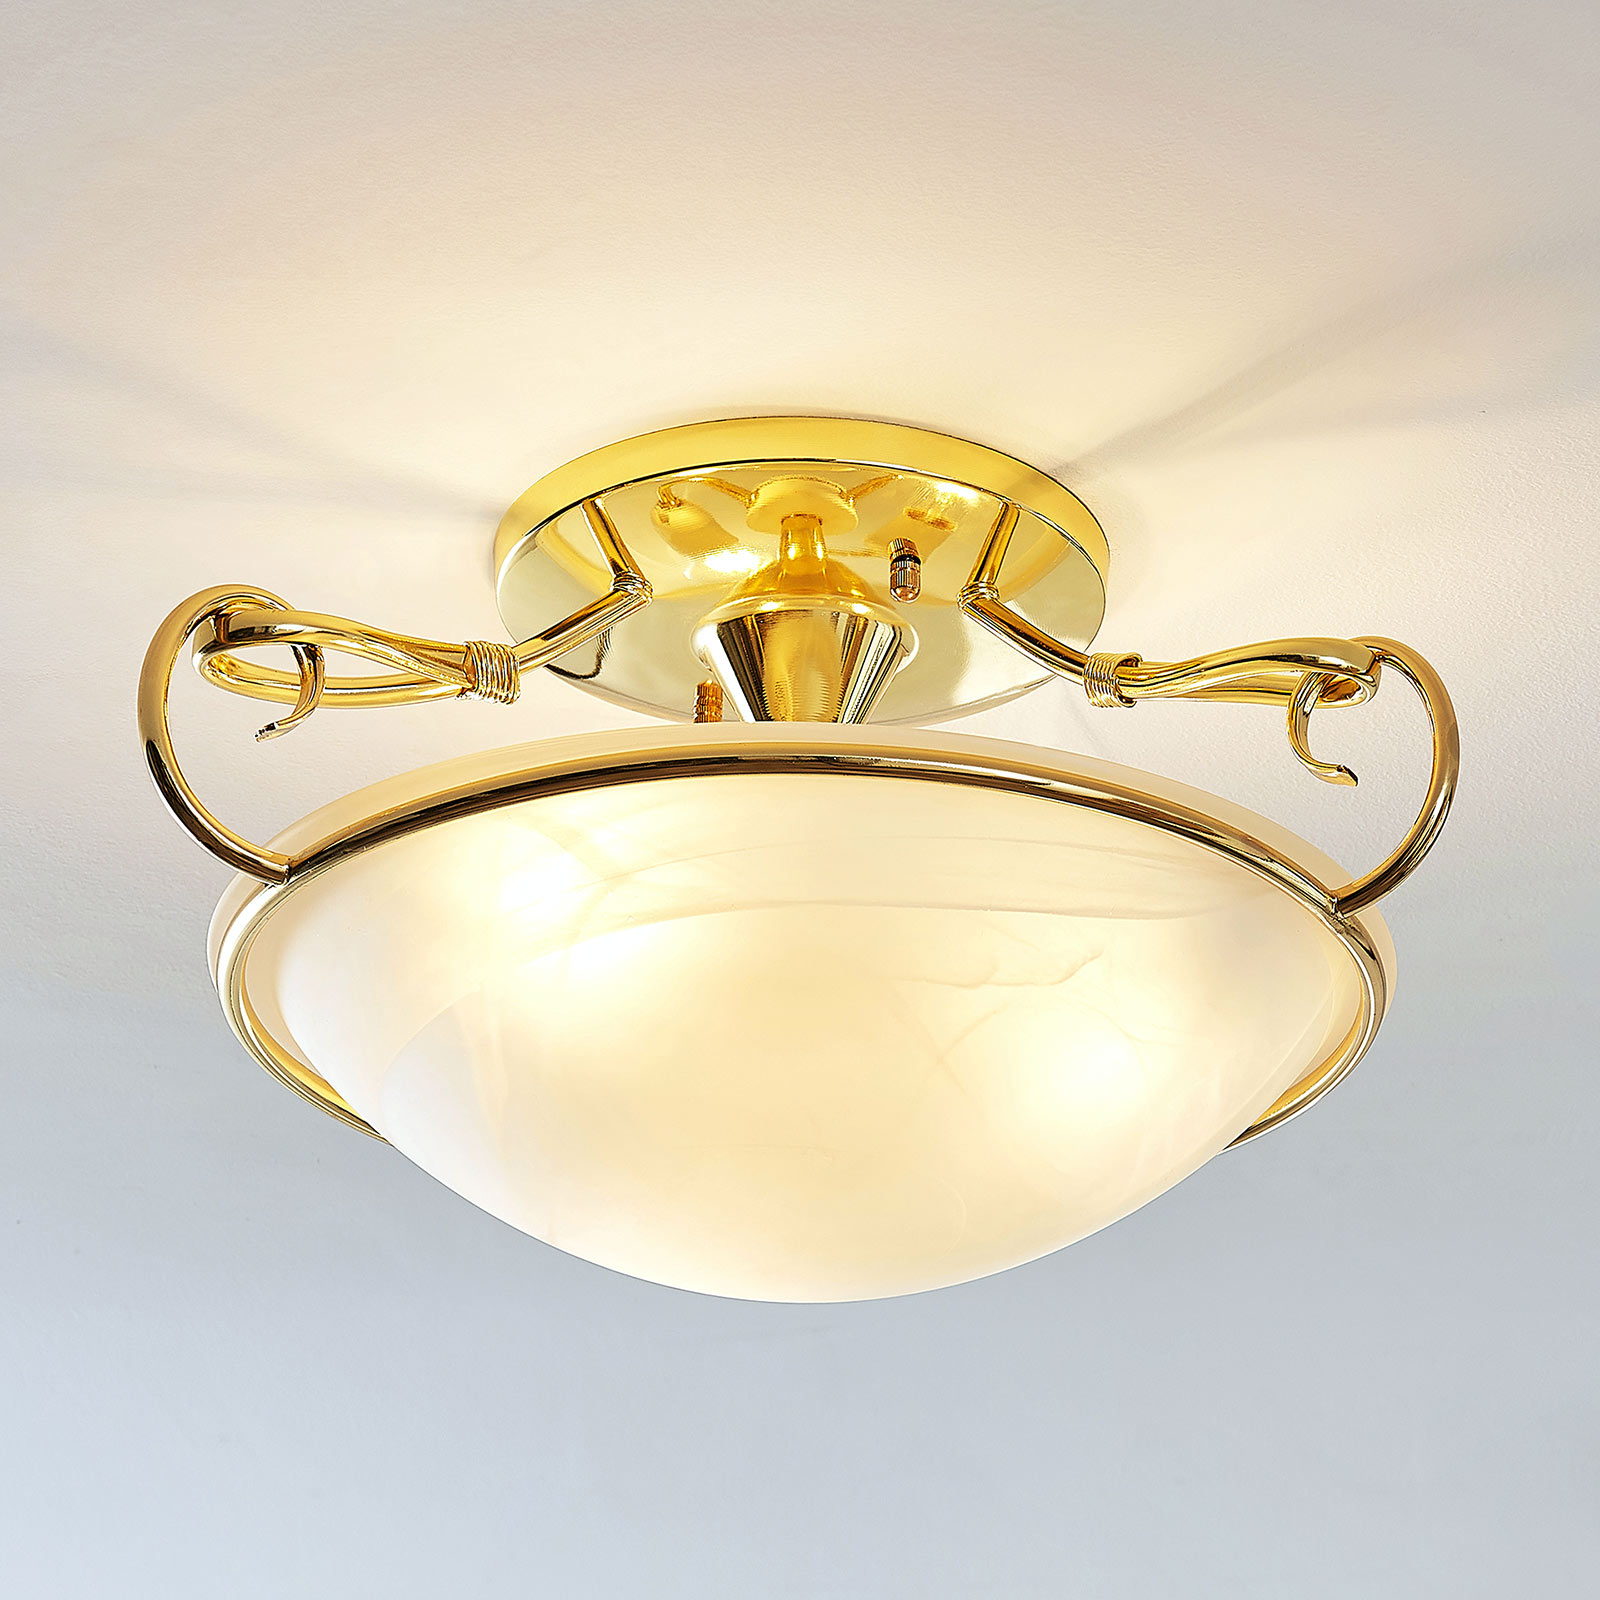 Glazen plafondlamp Lonika, glanzend messing